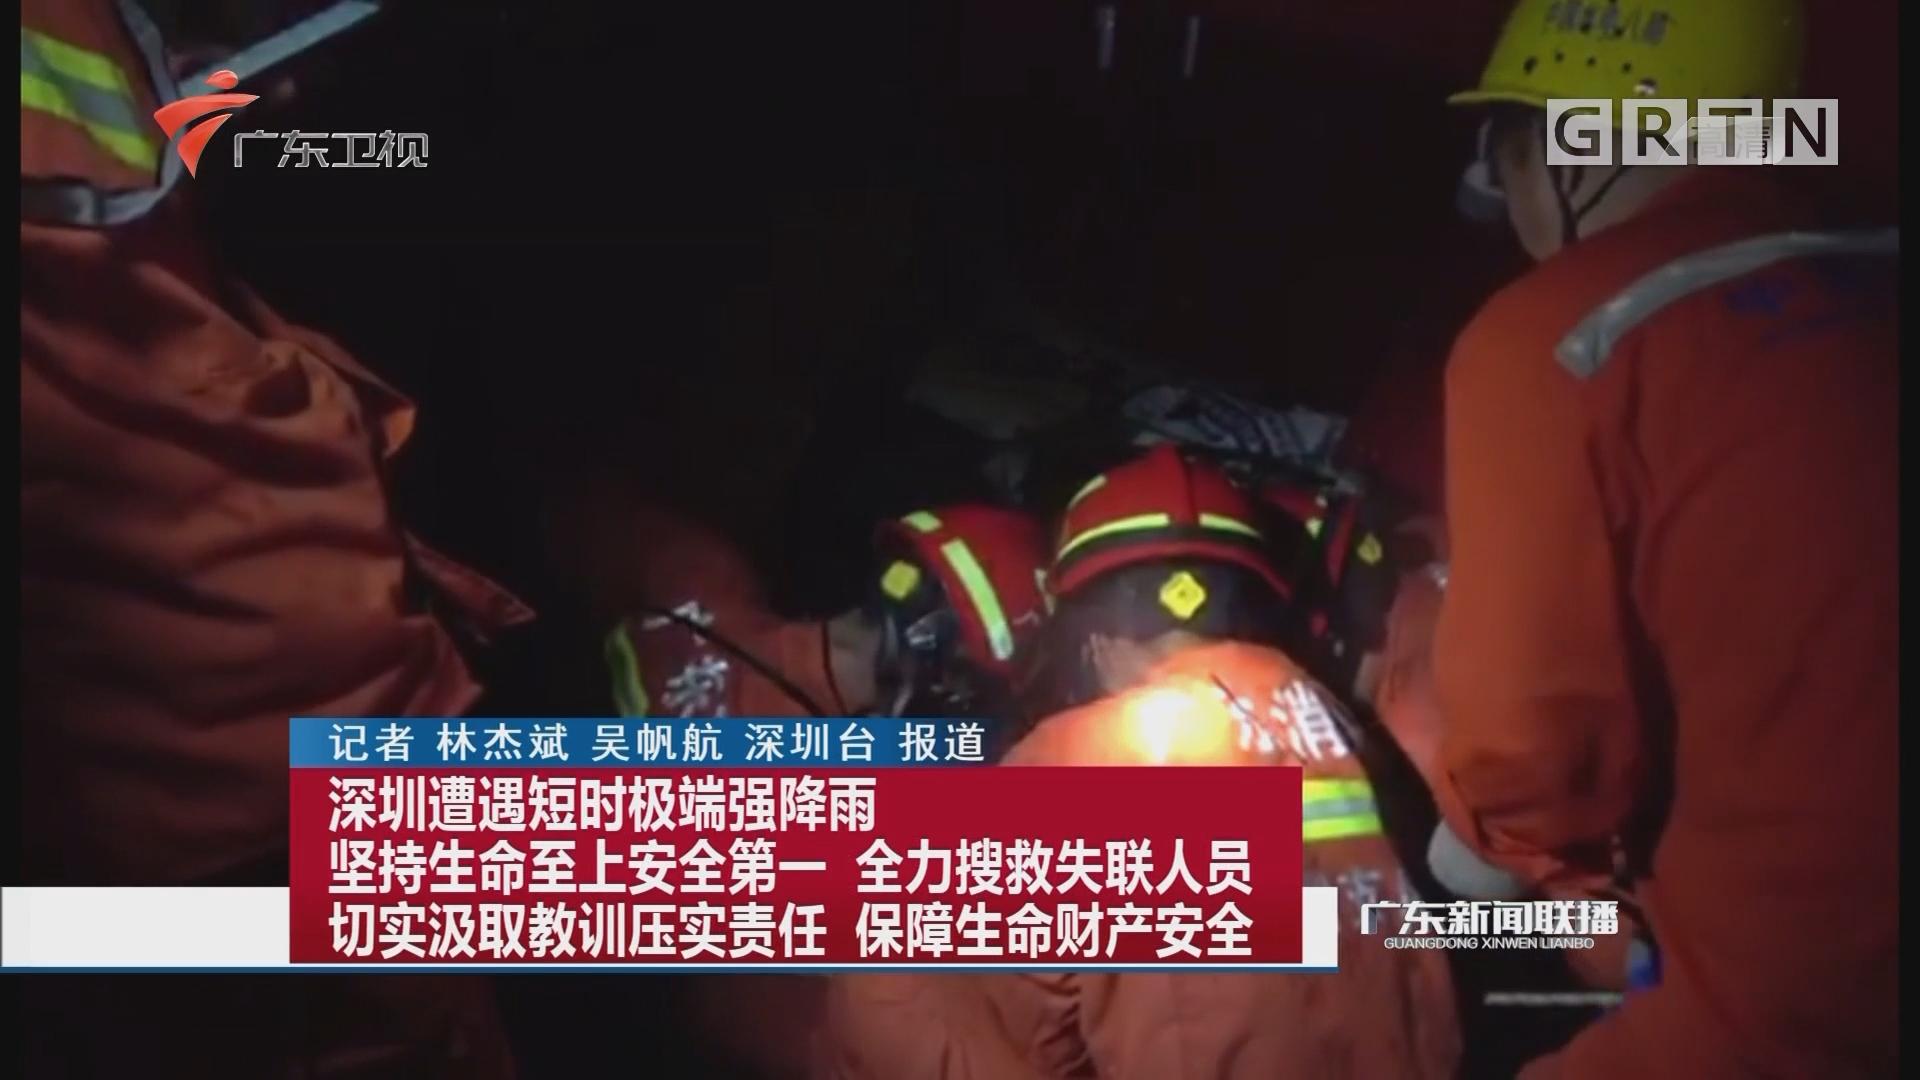 深圳遭遇短时极端强降雨 坚持生命至上安全第一 全力搜救失联人员 切实汲取教训压实责任 保障生命财产安全